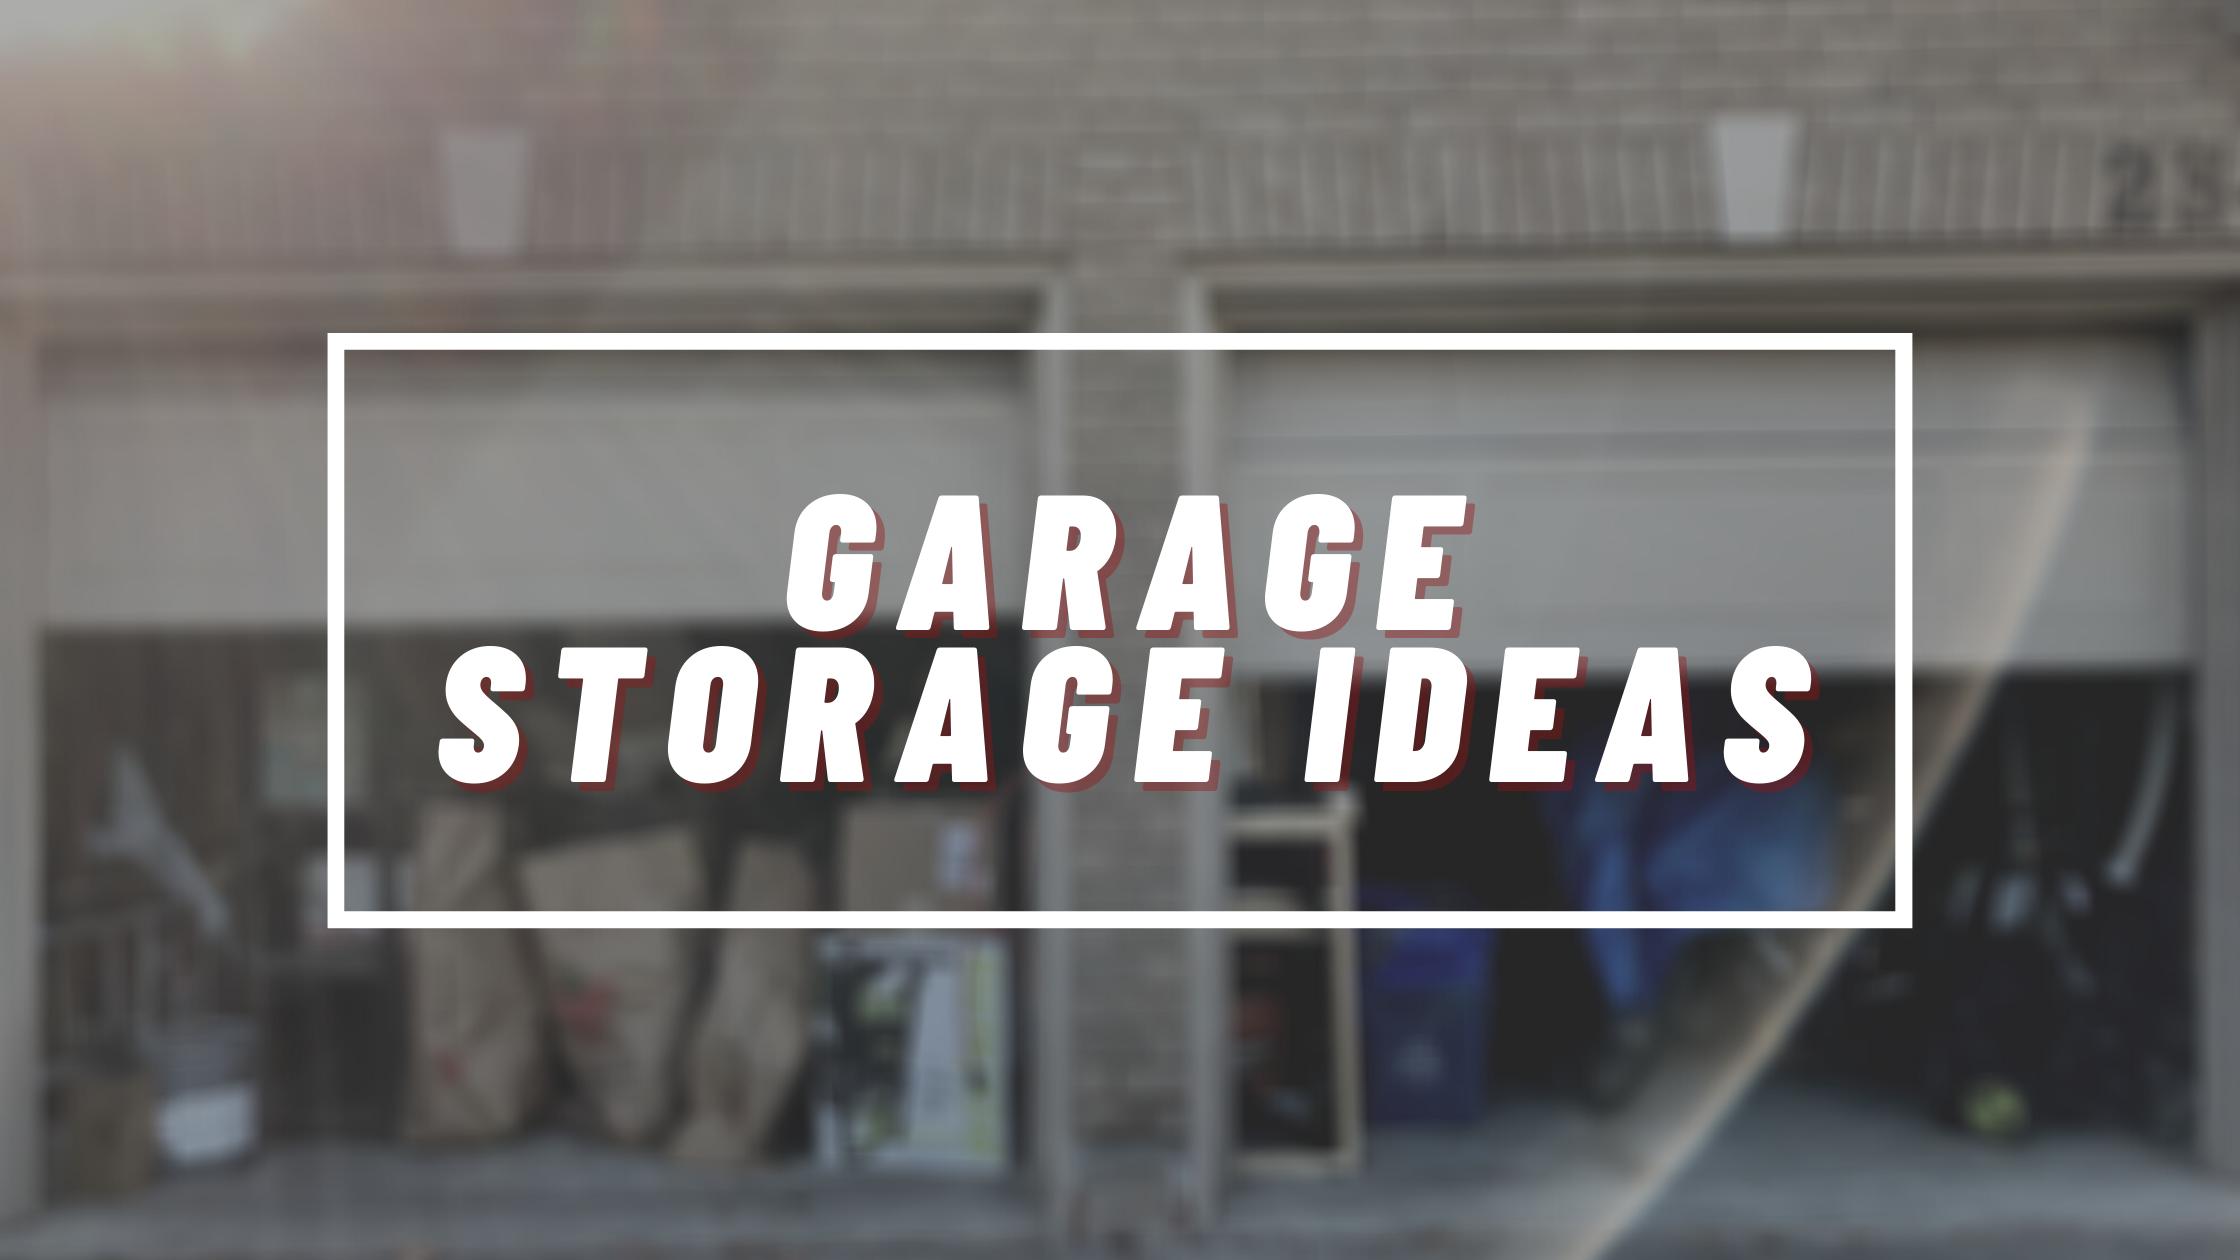 Garage Storage Ideas by Bin There Dump That